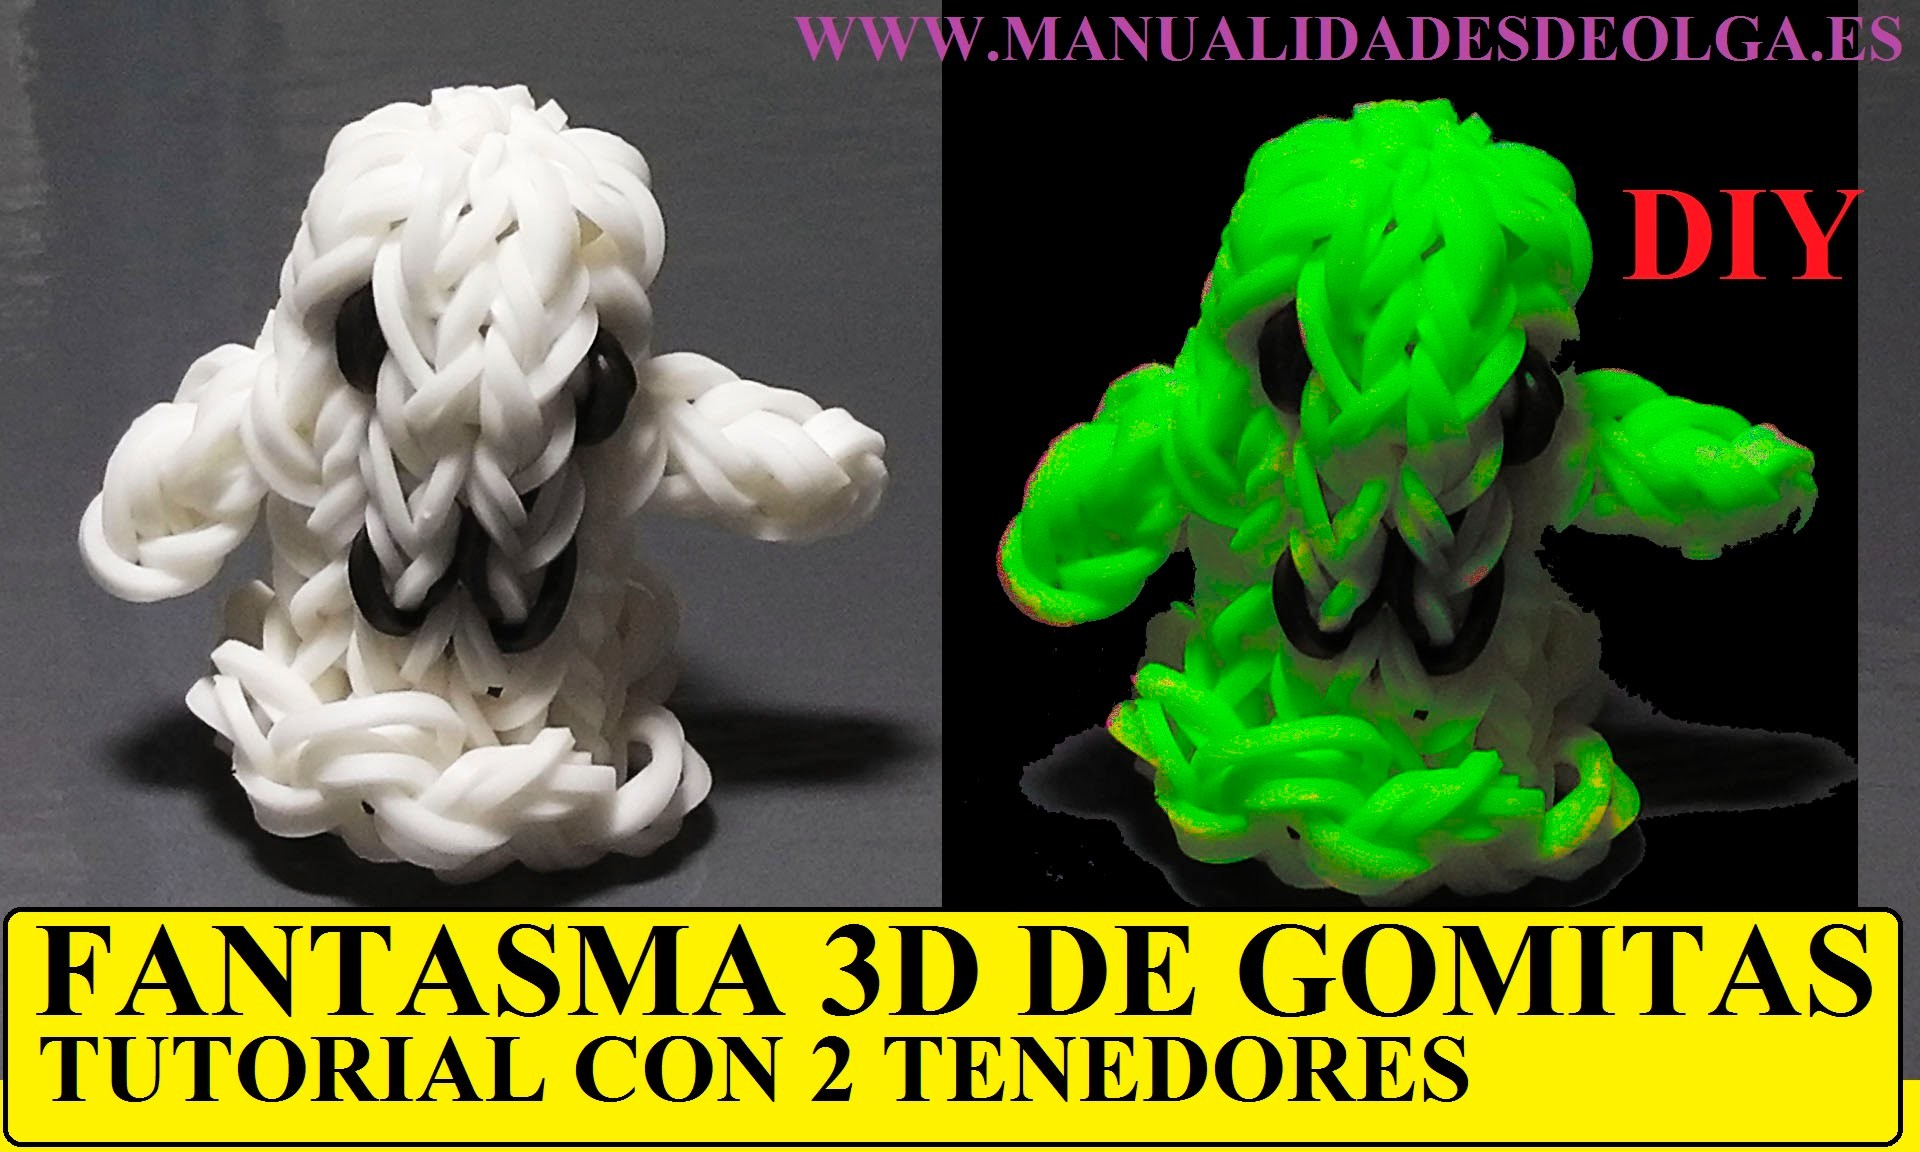 COMO HACER UN FANTASMA 3D DE GOMITAS CON DOS TENEDORES. VIDEOTUTORIAL SIN TELAR